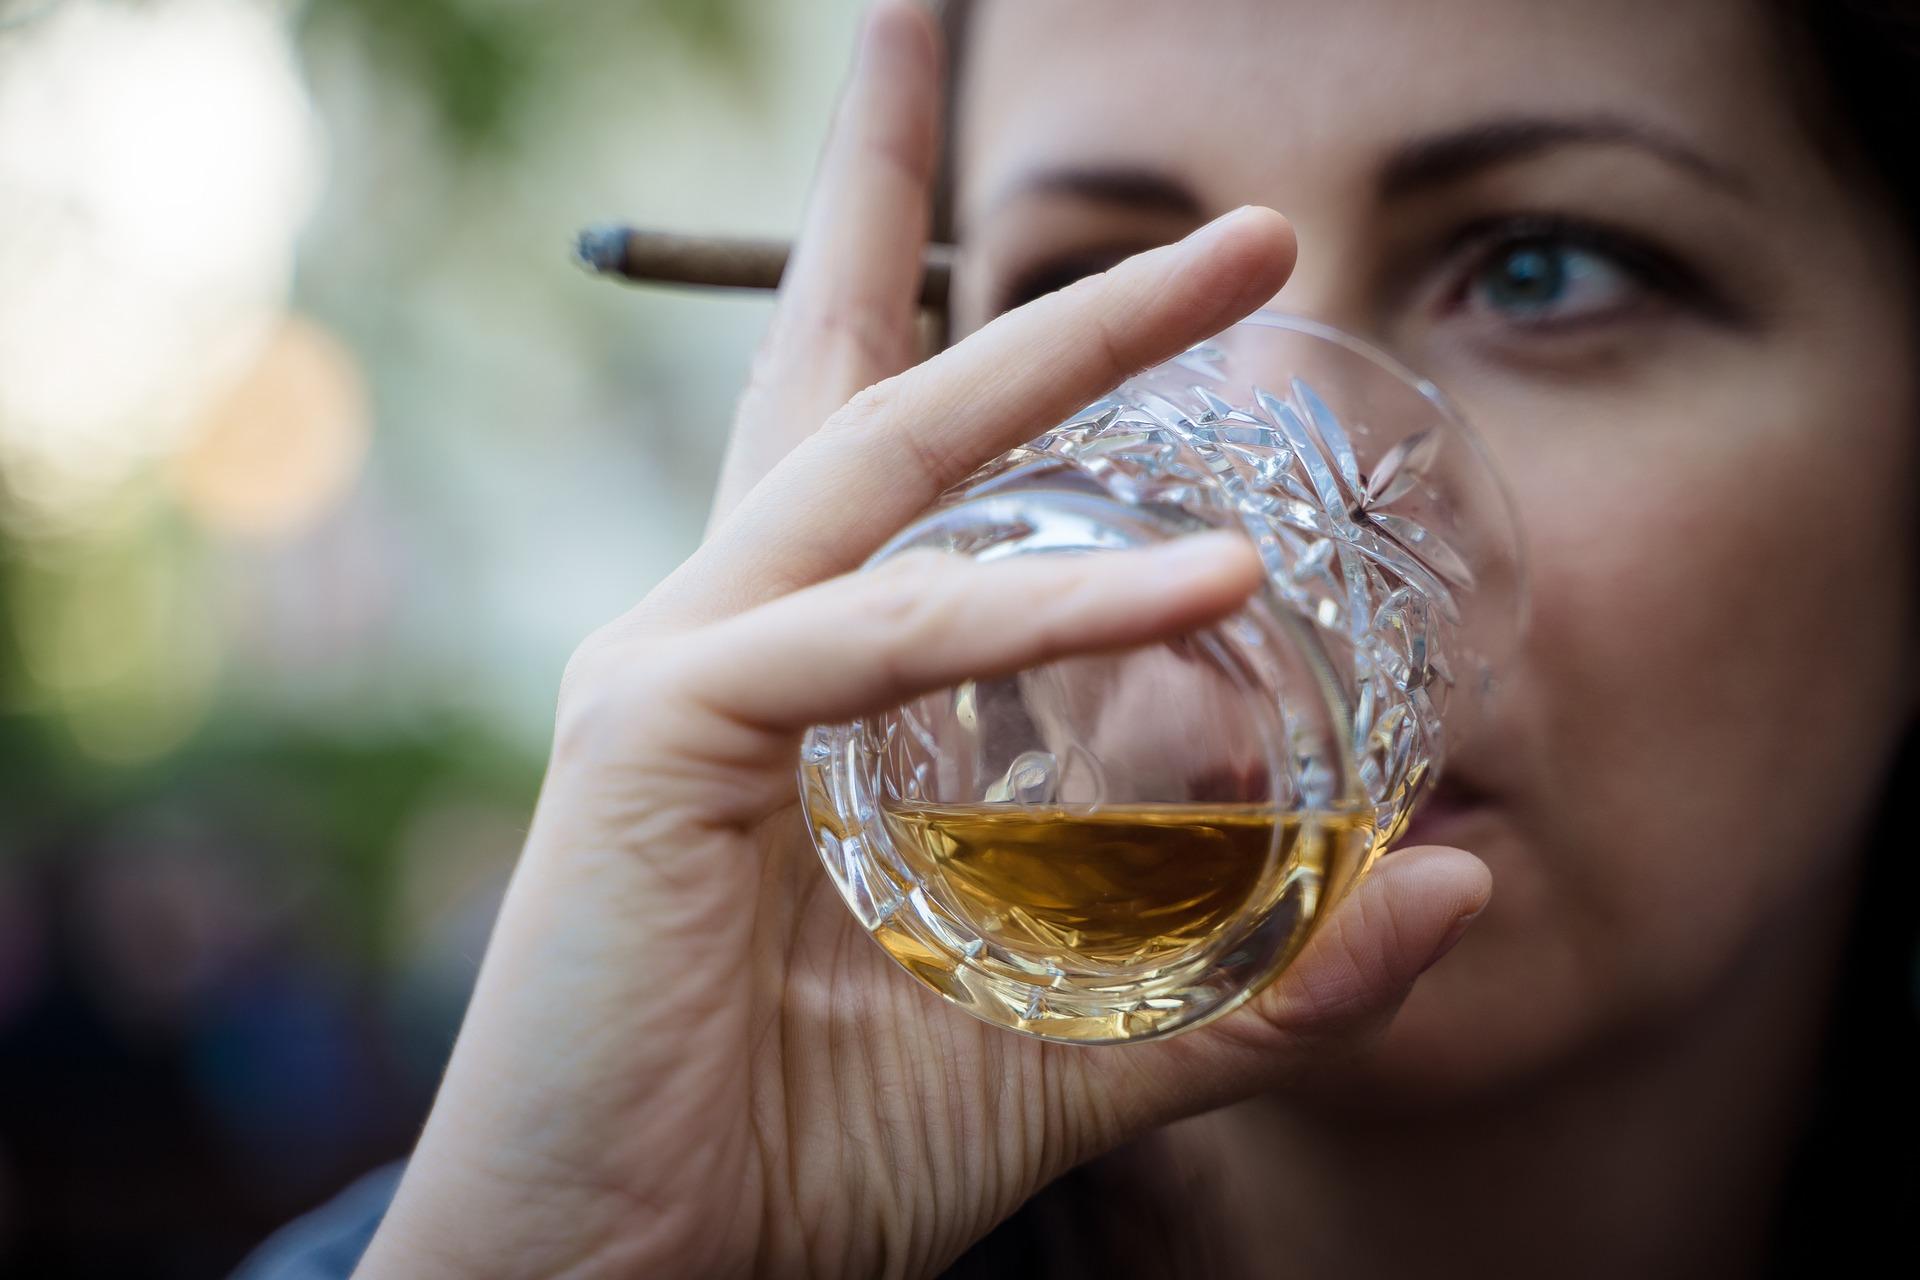 whiskey-4144391_1920.jpg